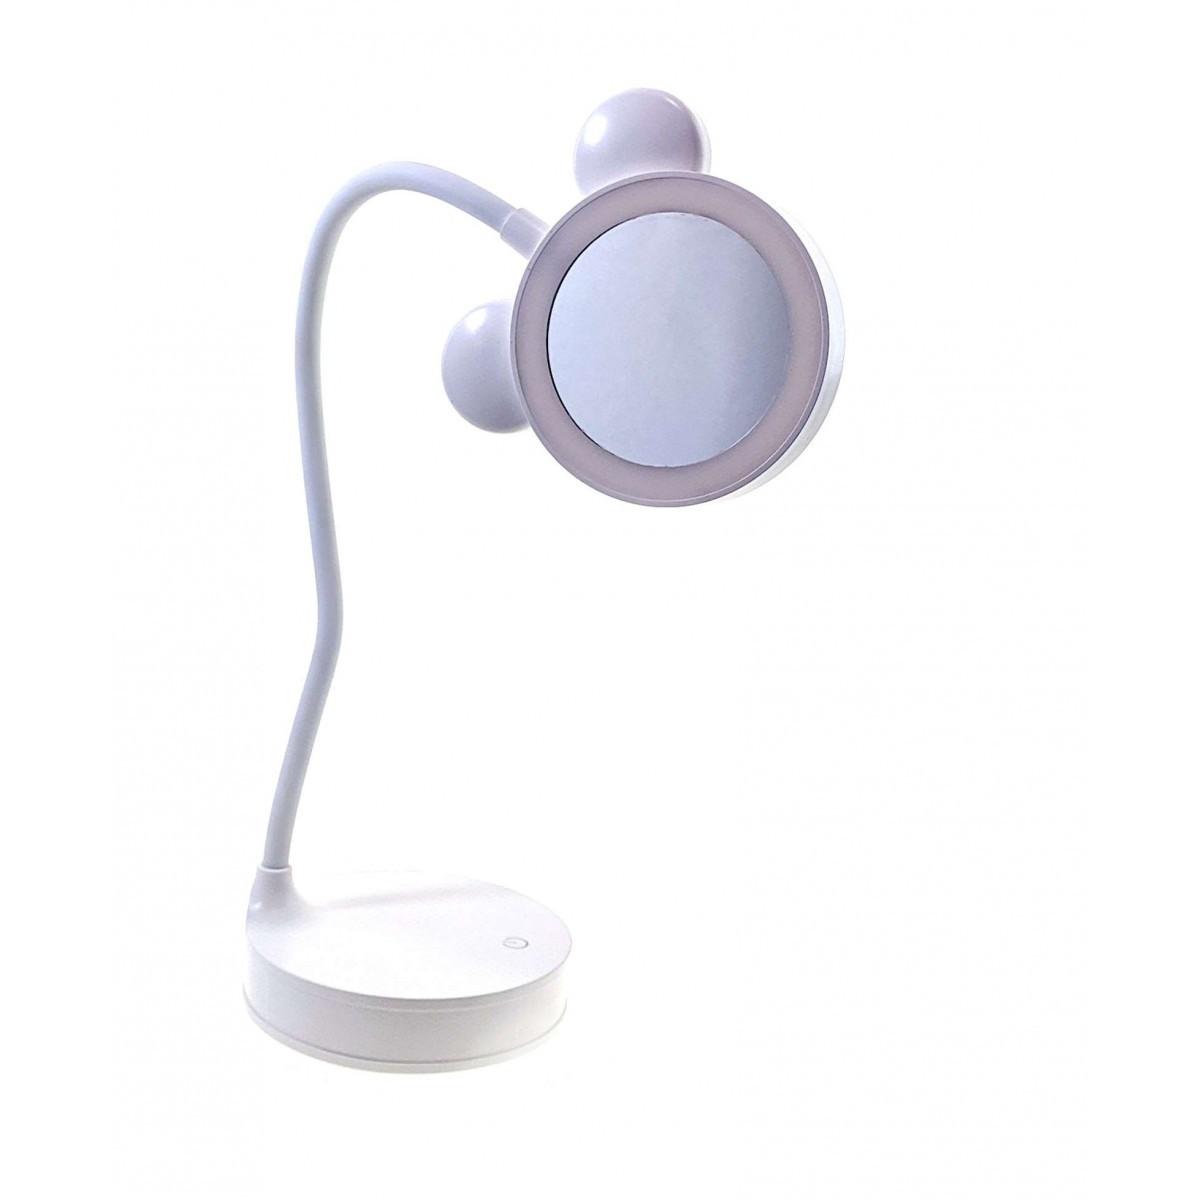 Зеркало с LED  подсветкой для макияжа настольное